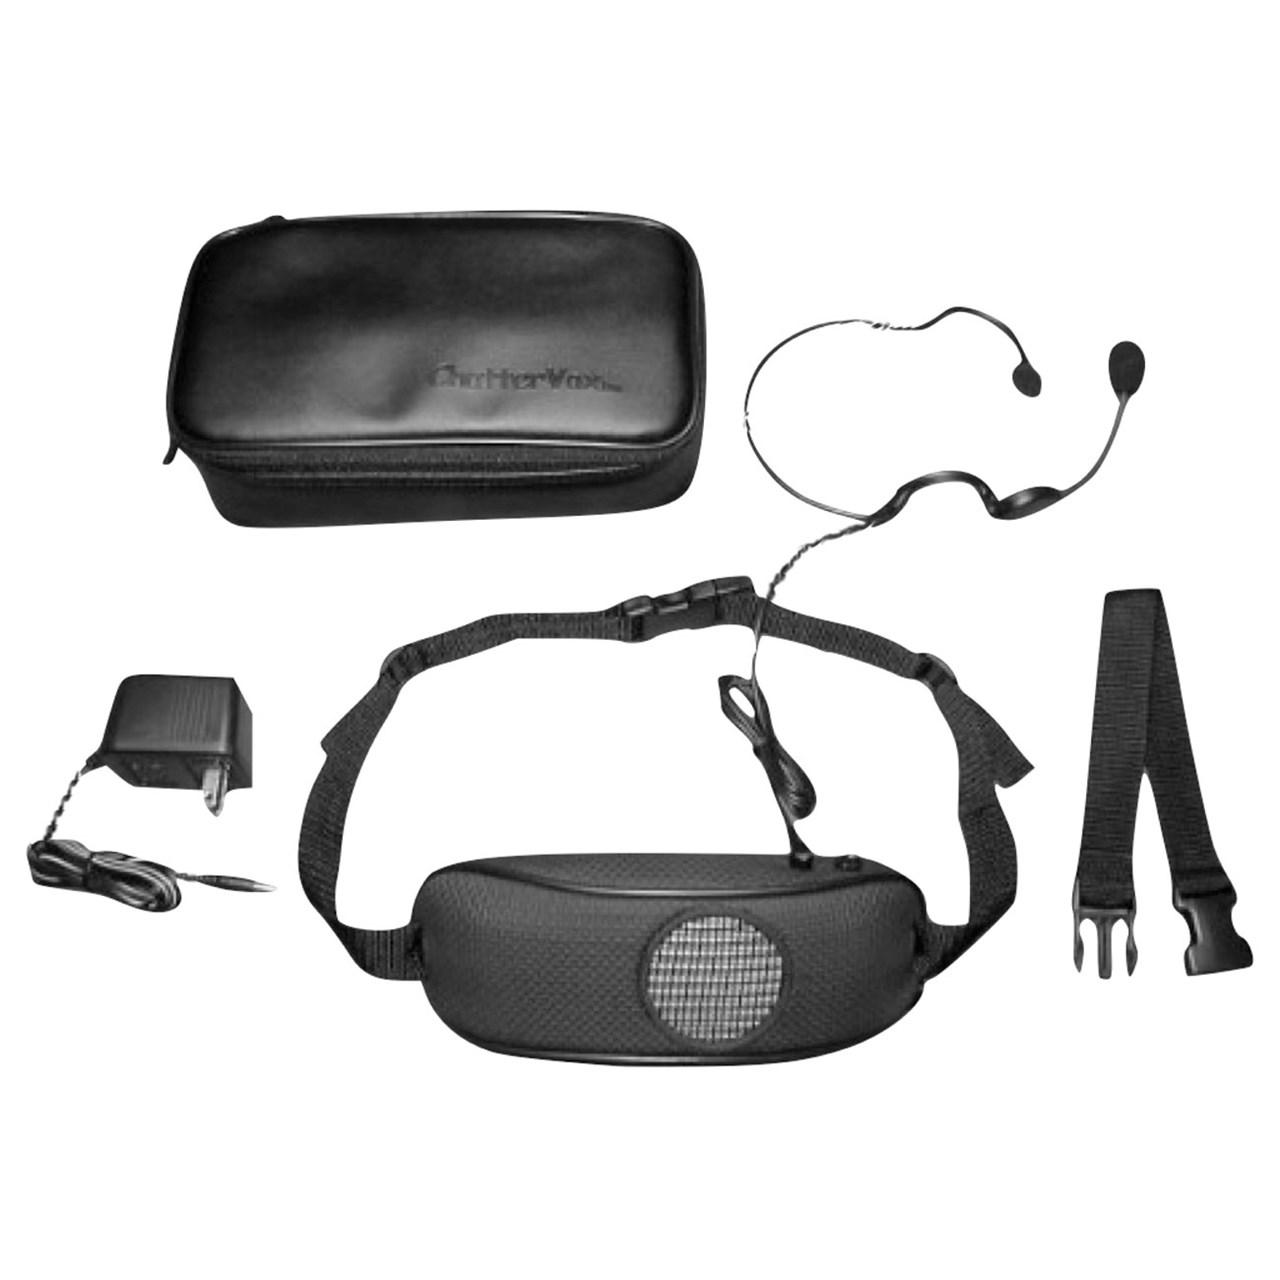 Maxiaids Chattervox Sport Voice Amplifier Speech Box